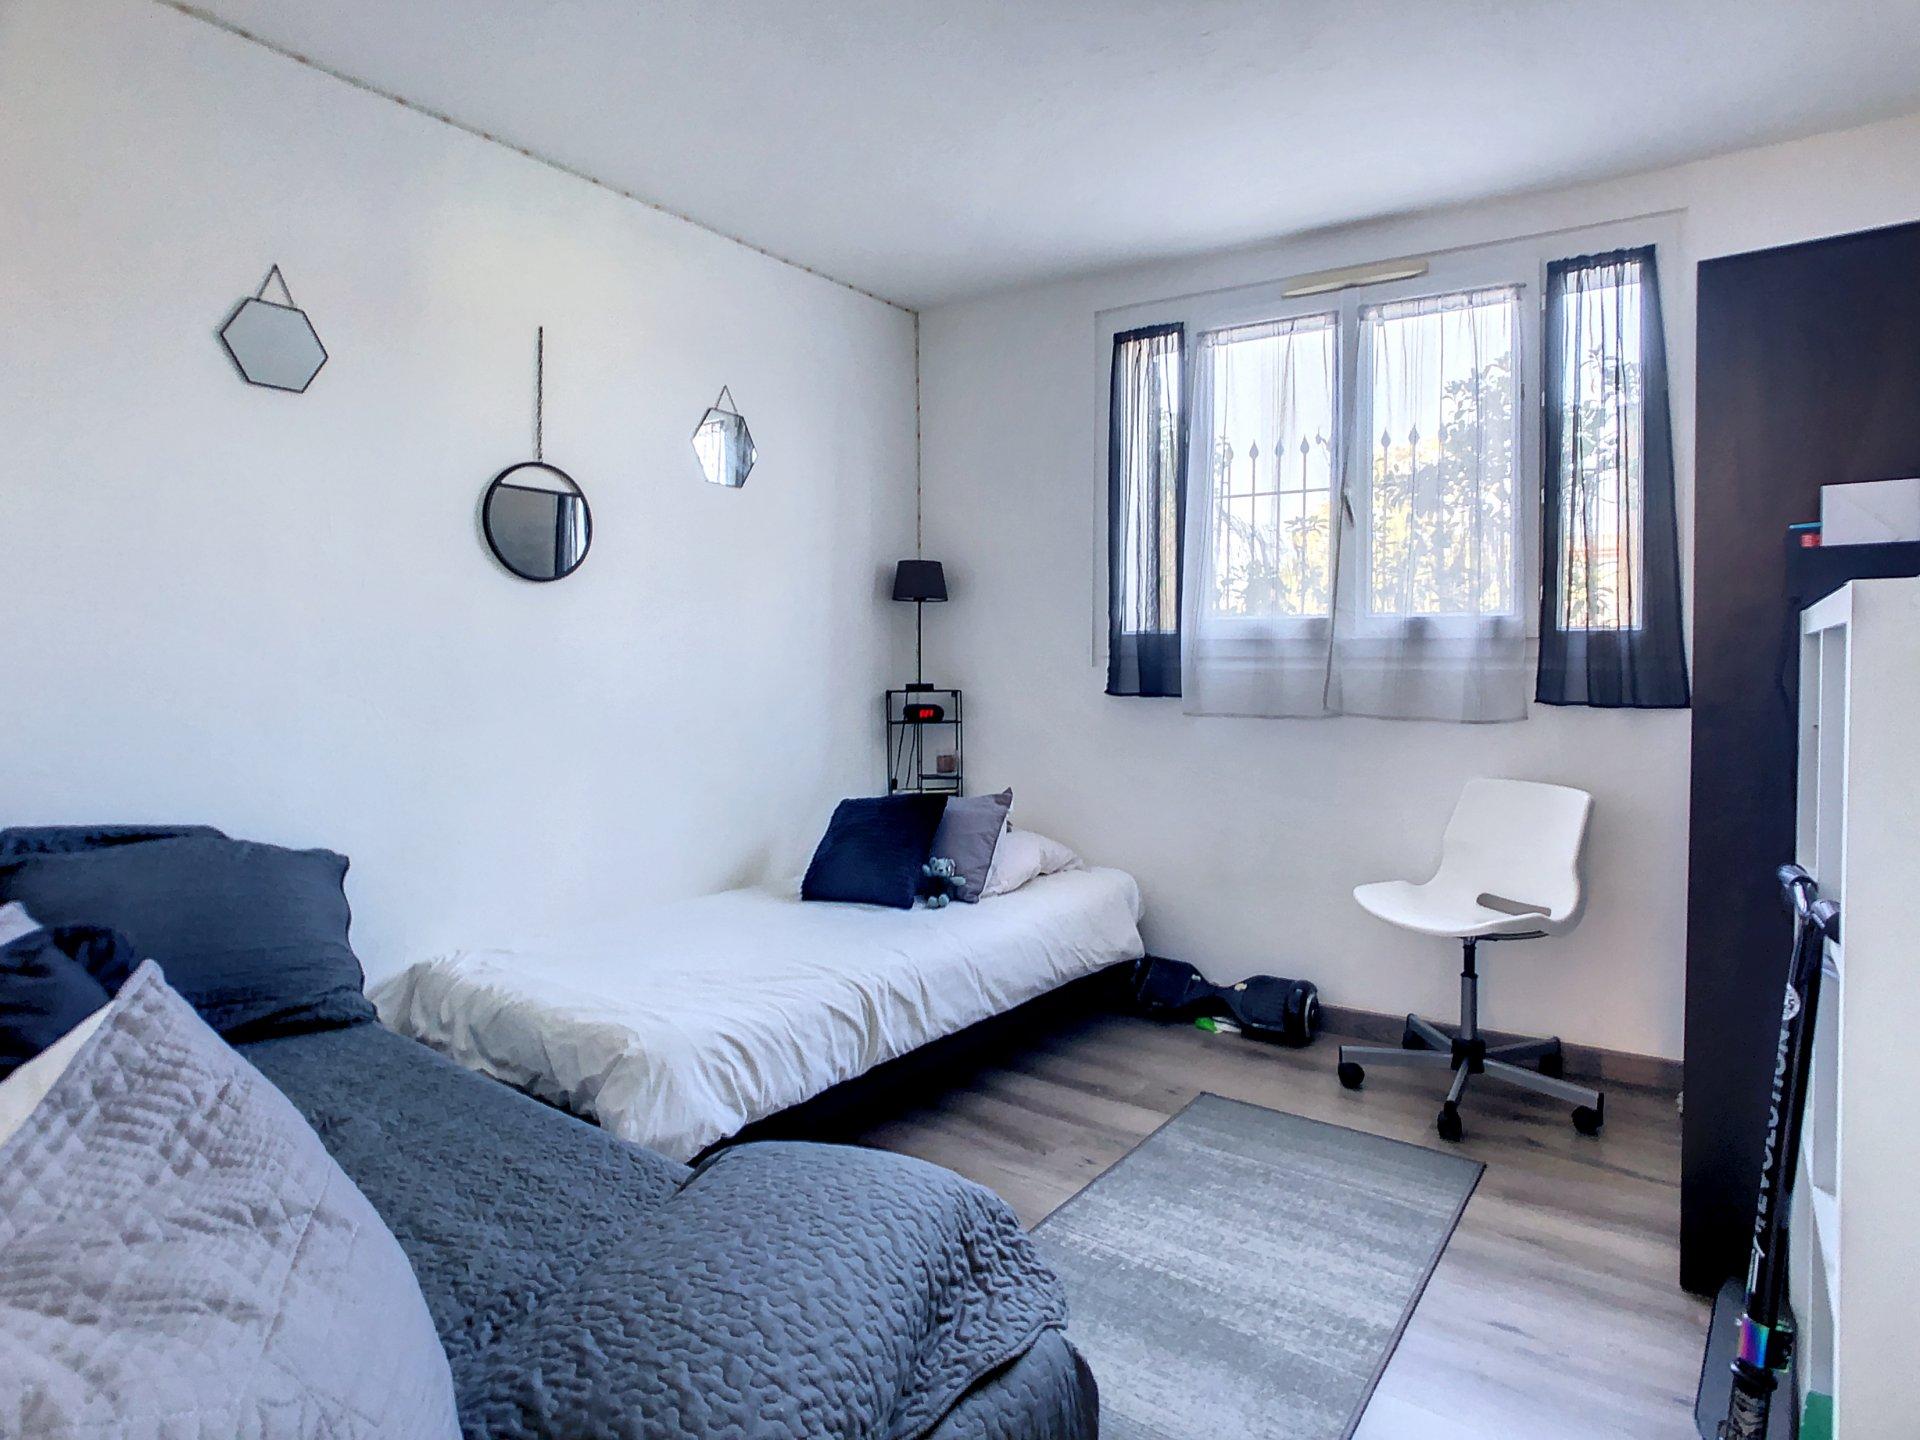 La Roquette Sur Siagne, Villa divided into 4 apartments